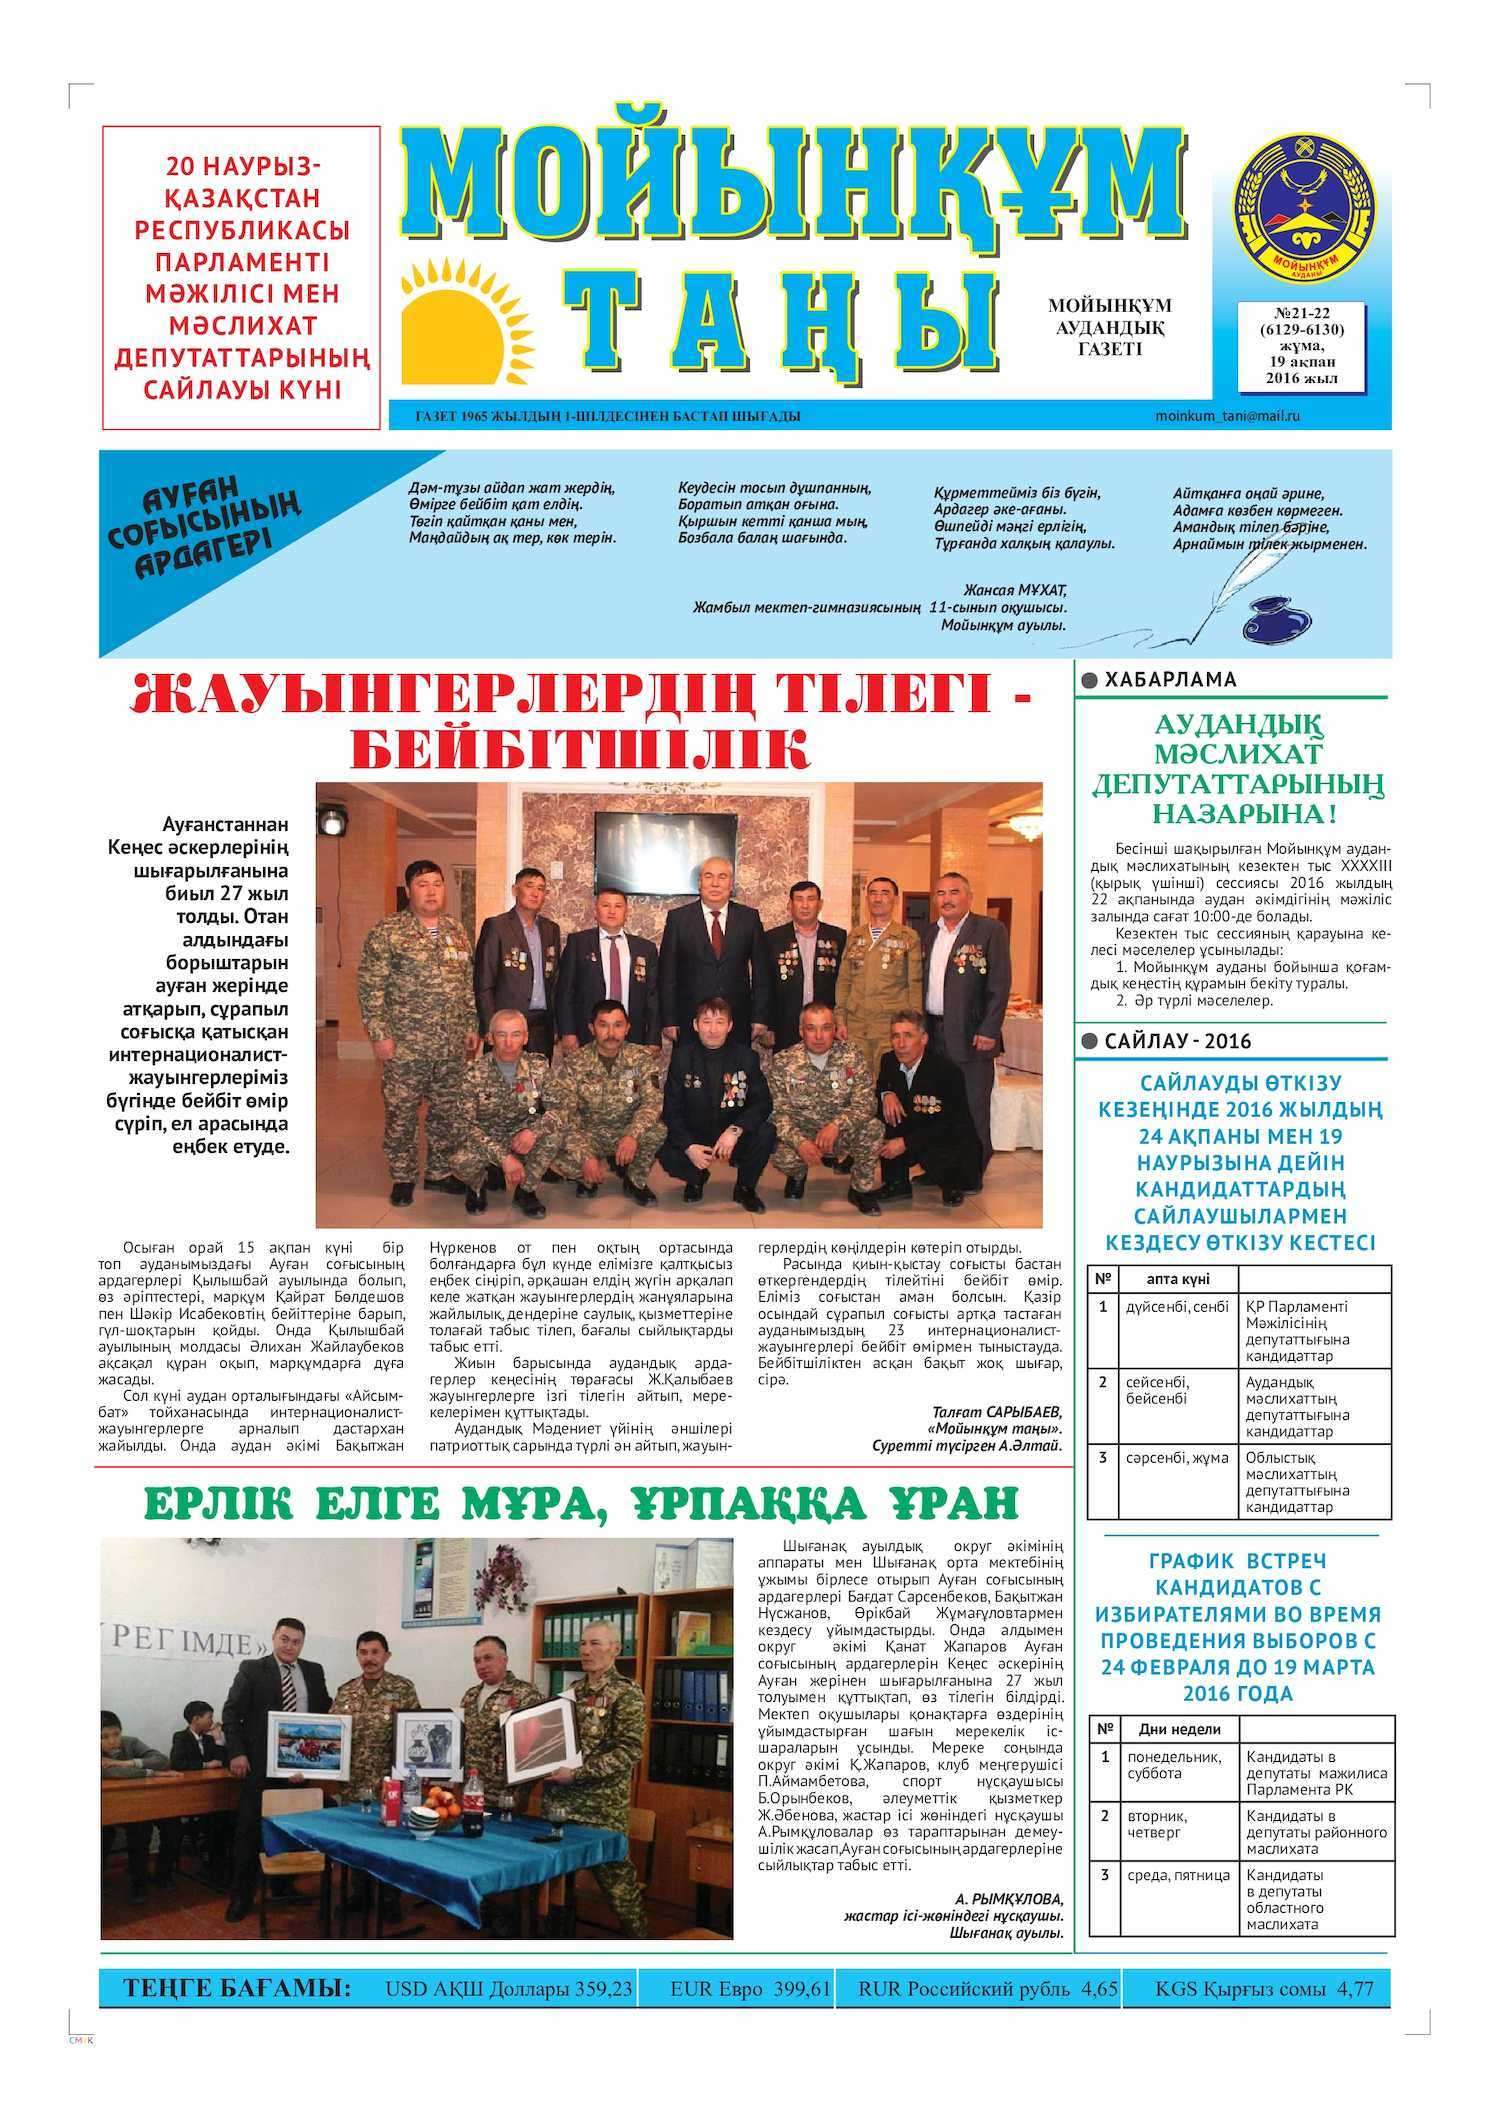 ойын машиналары бастаушы үшін 200 рубль